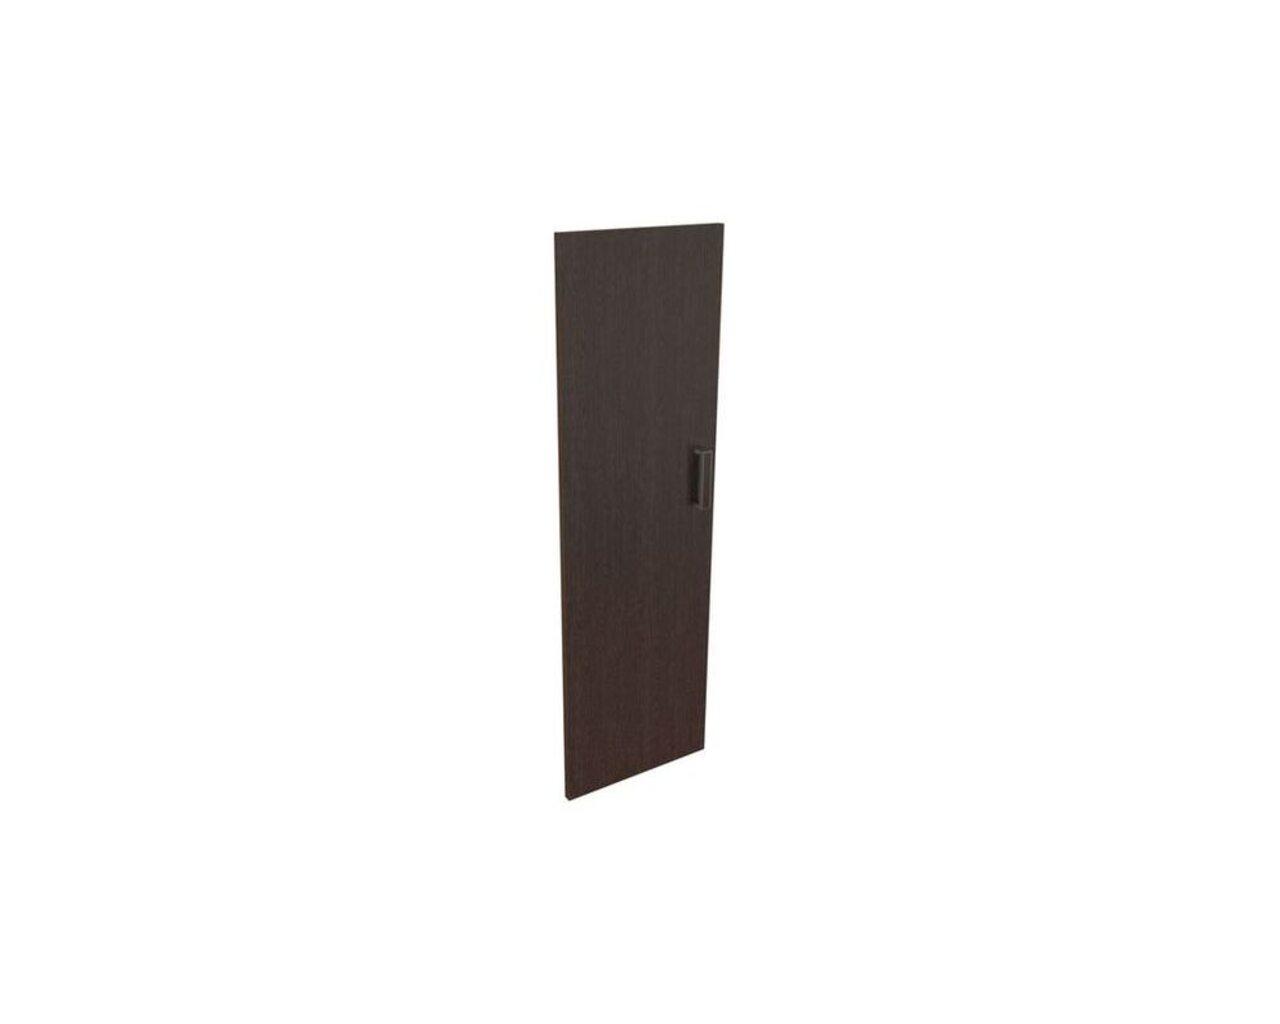 Дверь из ЛДСП к узкому стеллажу  Приоритет II 36x2x117 - фото 1